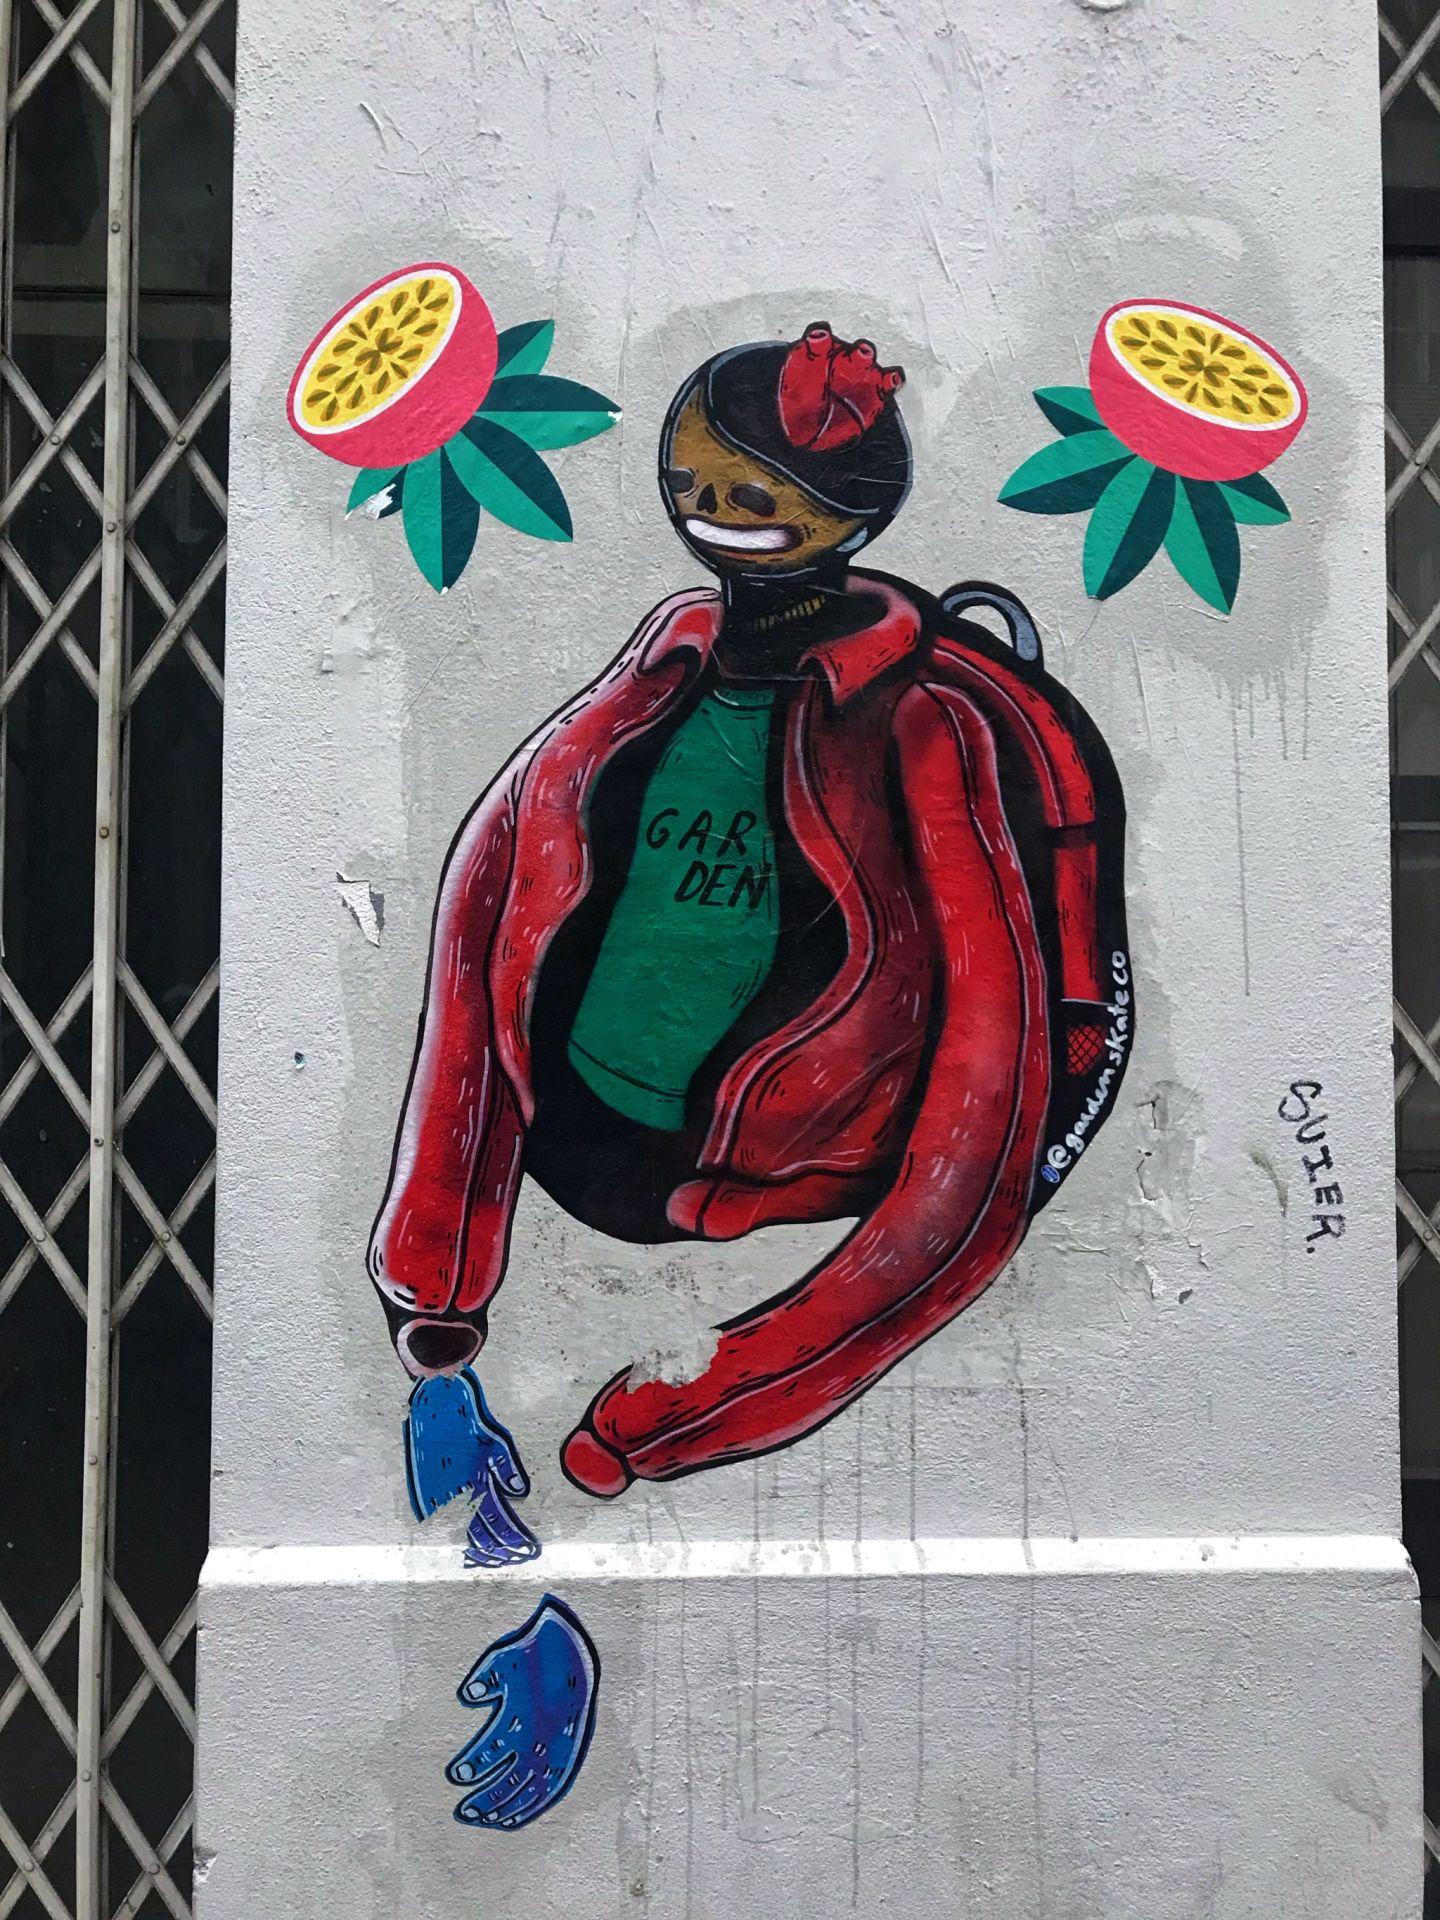 Colourful street art in Porto